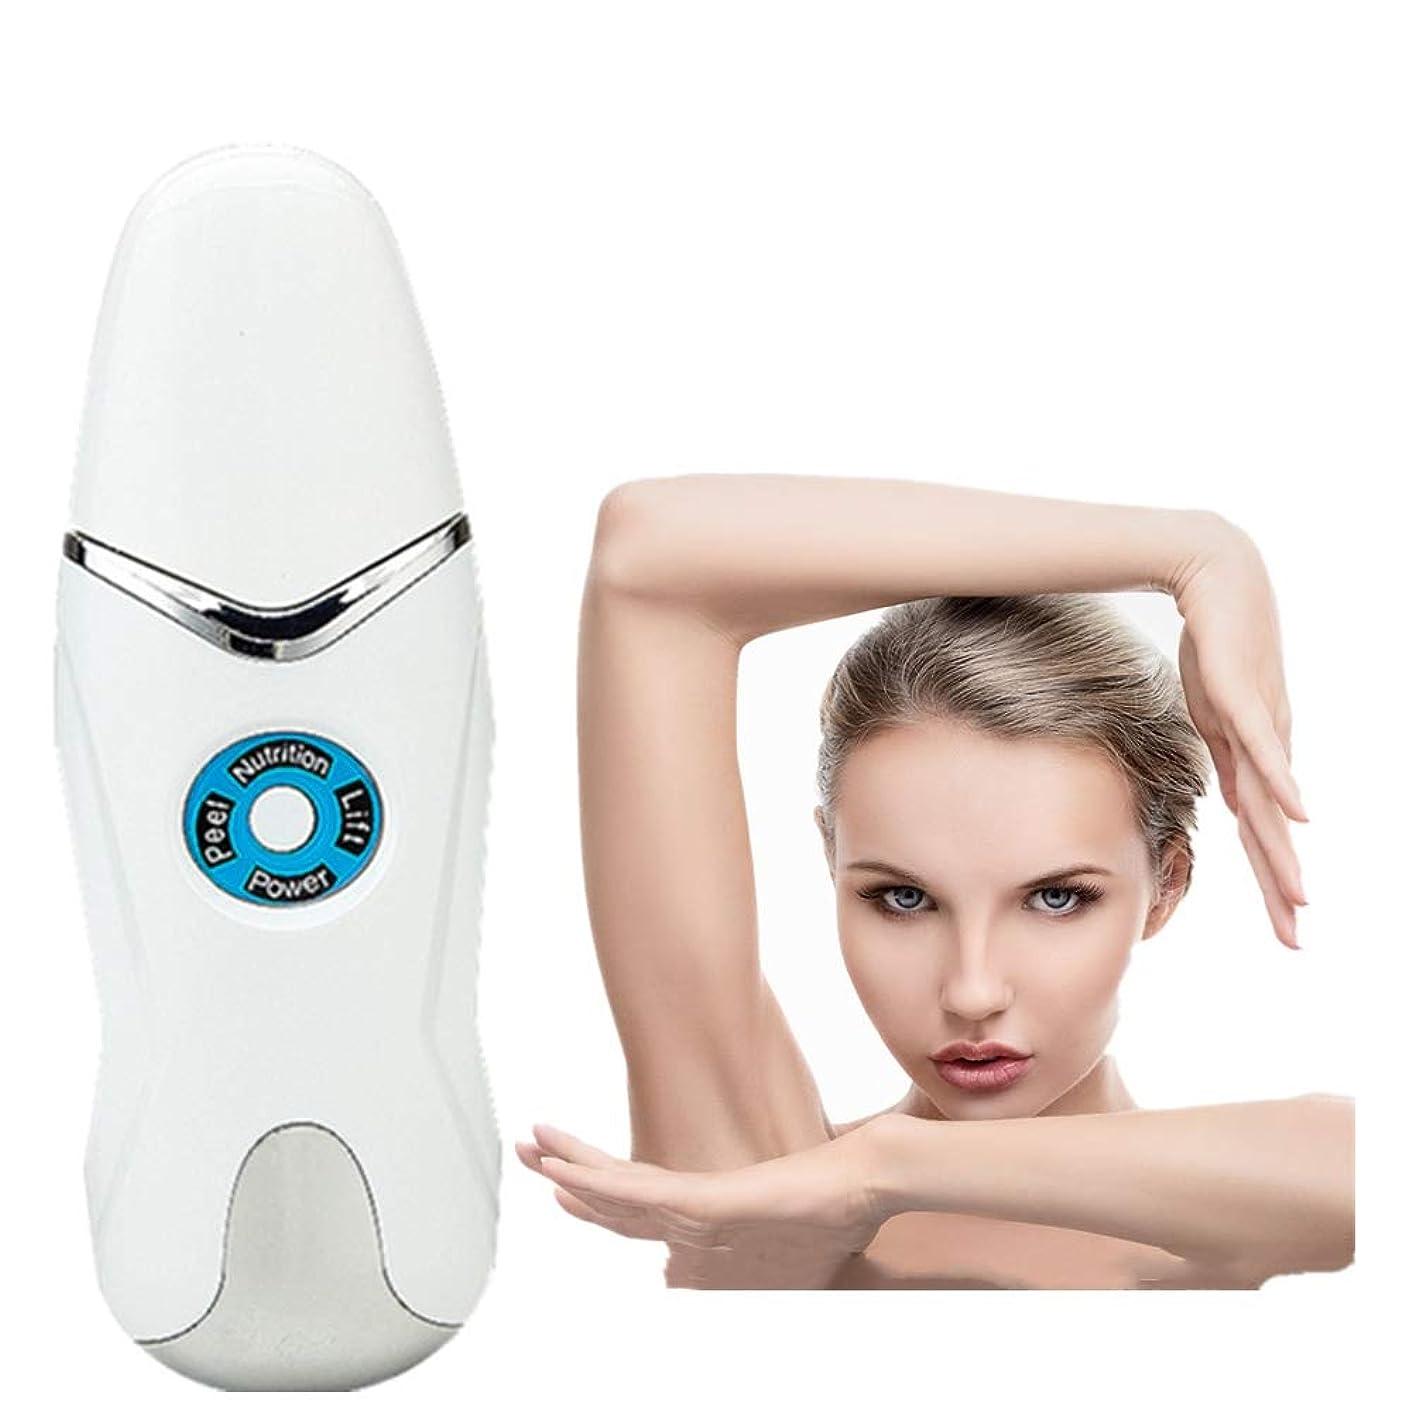 シングルブレンド立派な顔の皮膚スクラバーブラックヘッドリムーバー毛穴充電式スキンスクラバー光子の若返り美容皮膚クリーナーUSB充電式美容ツールEMSクリーニングイオン導入モードホワイト